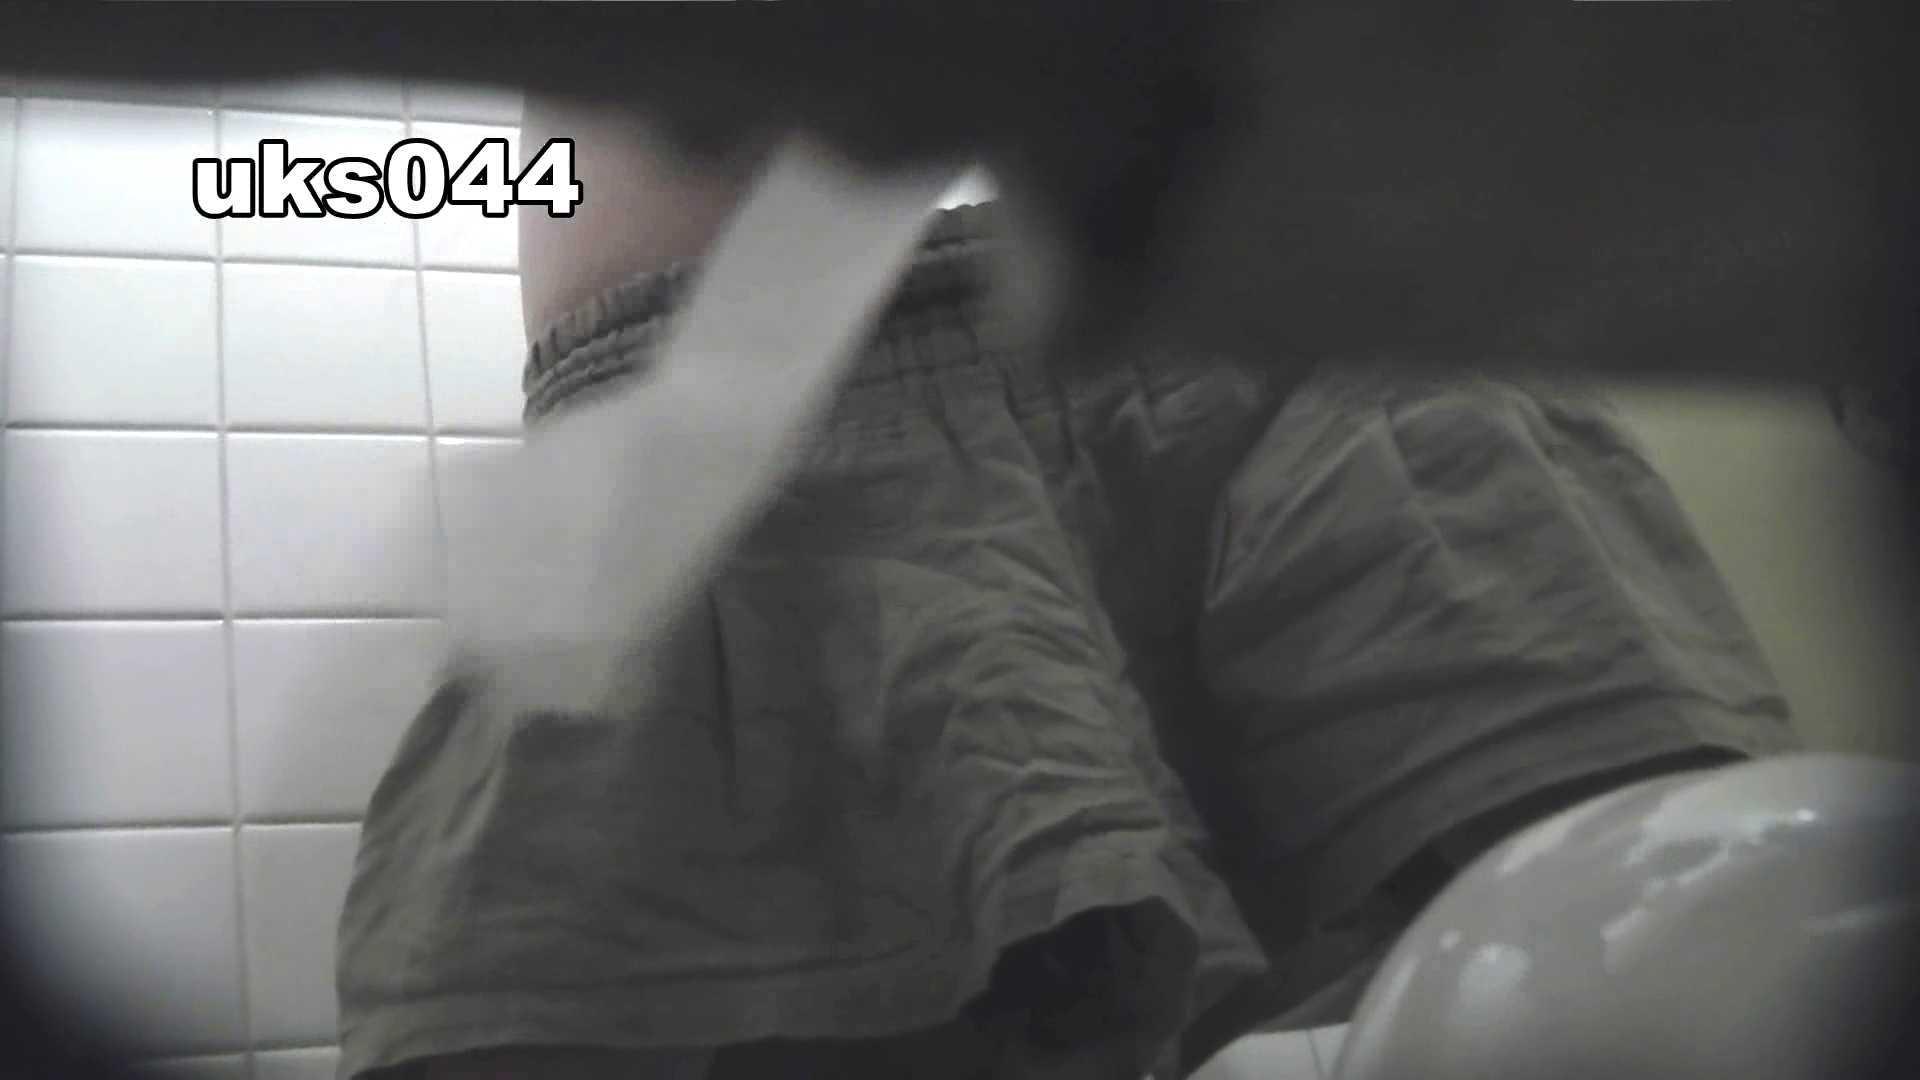 【美しき個室な世界】 vol.044 8倍くらいケツ毛バーガー 高評価  50PIX 39